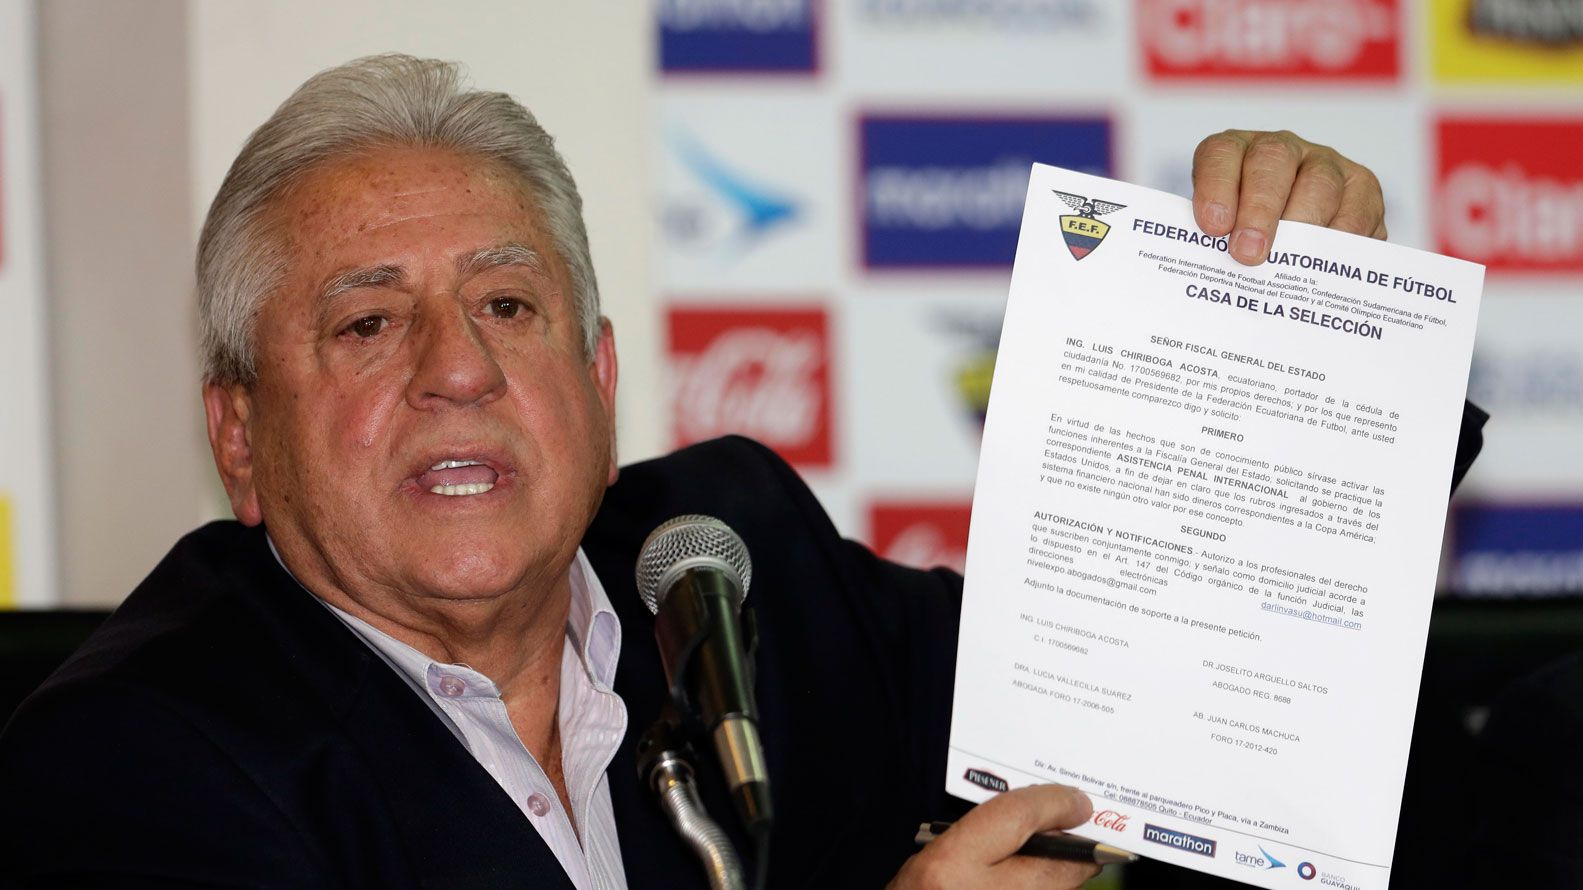 El ex presidente de la Federación Ecuatoriana de Fútbol, Luis Chiriboga (AP)